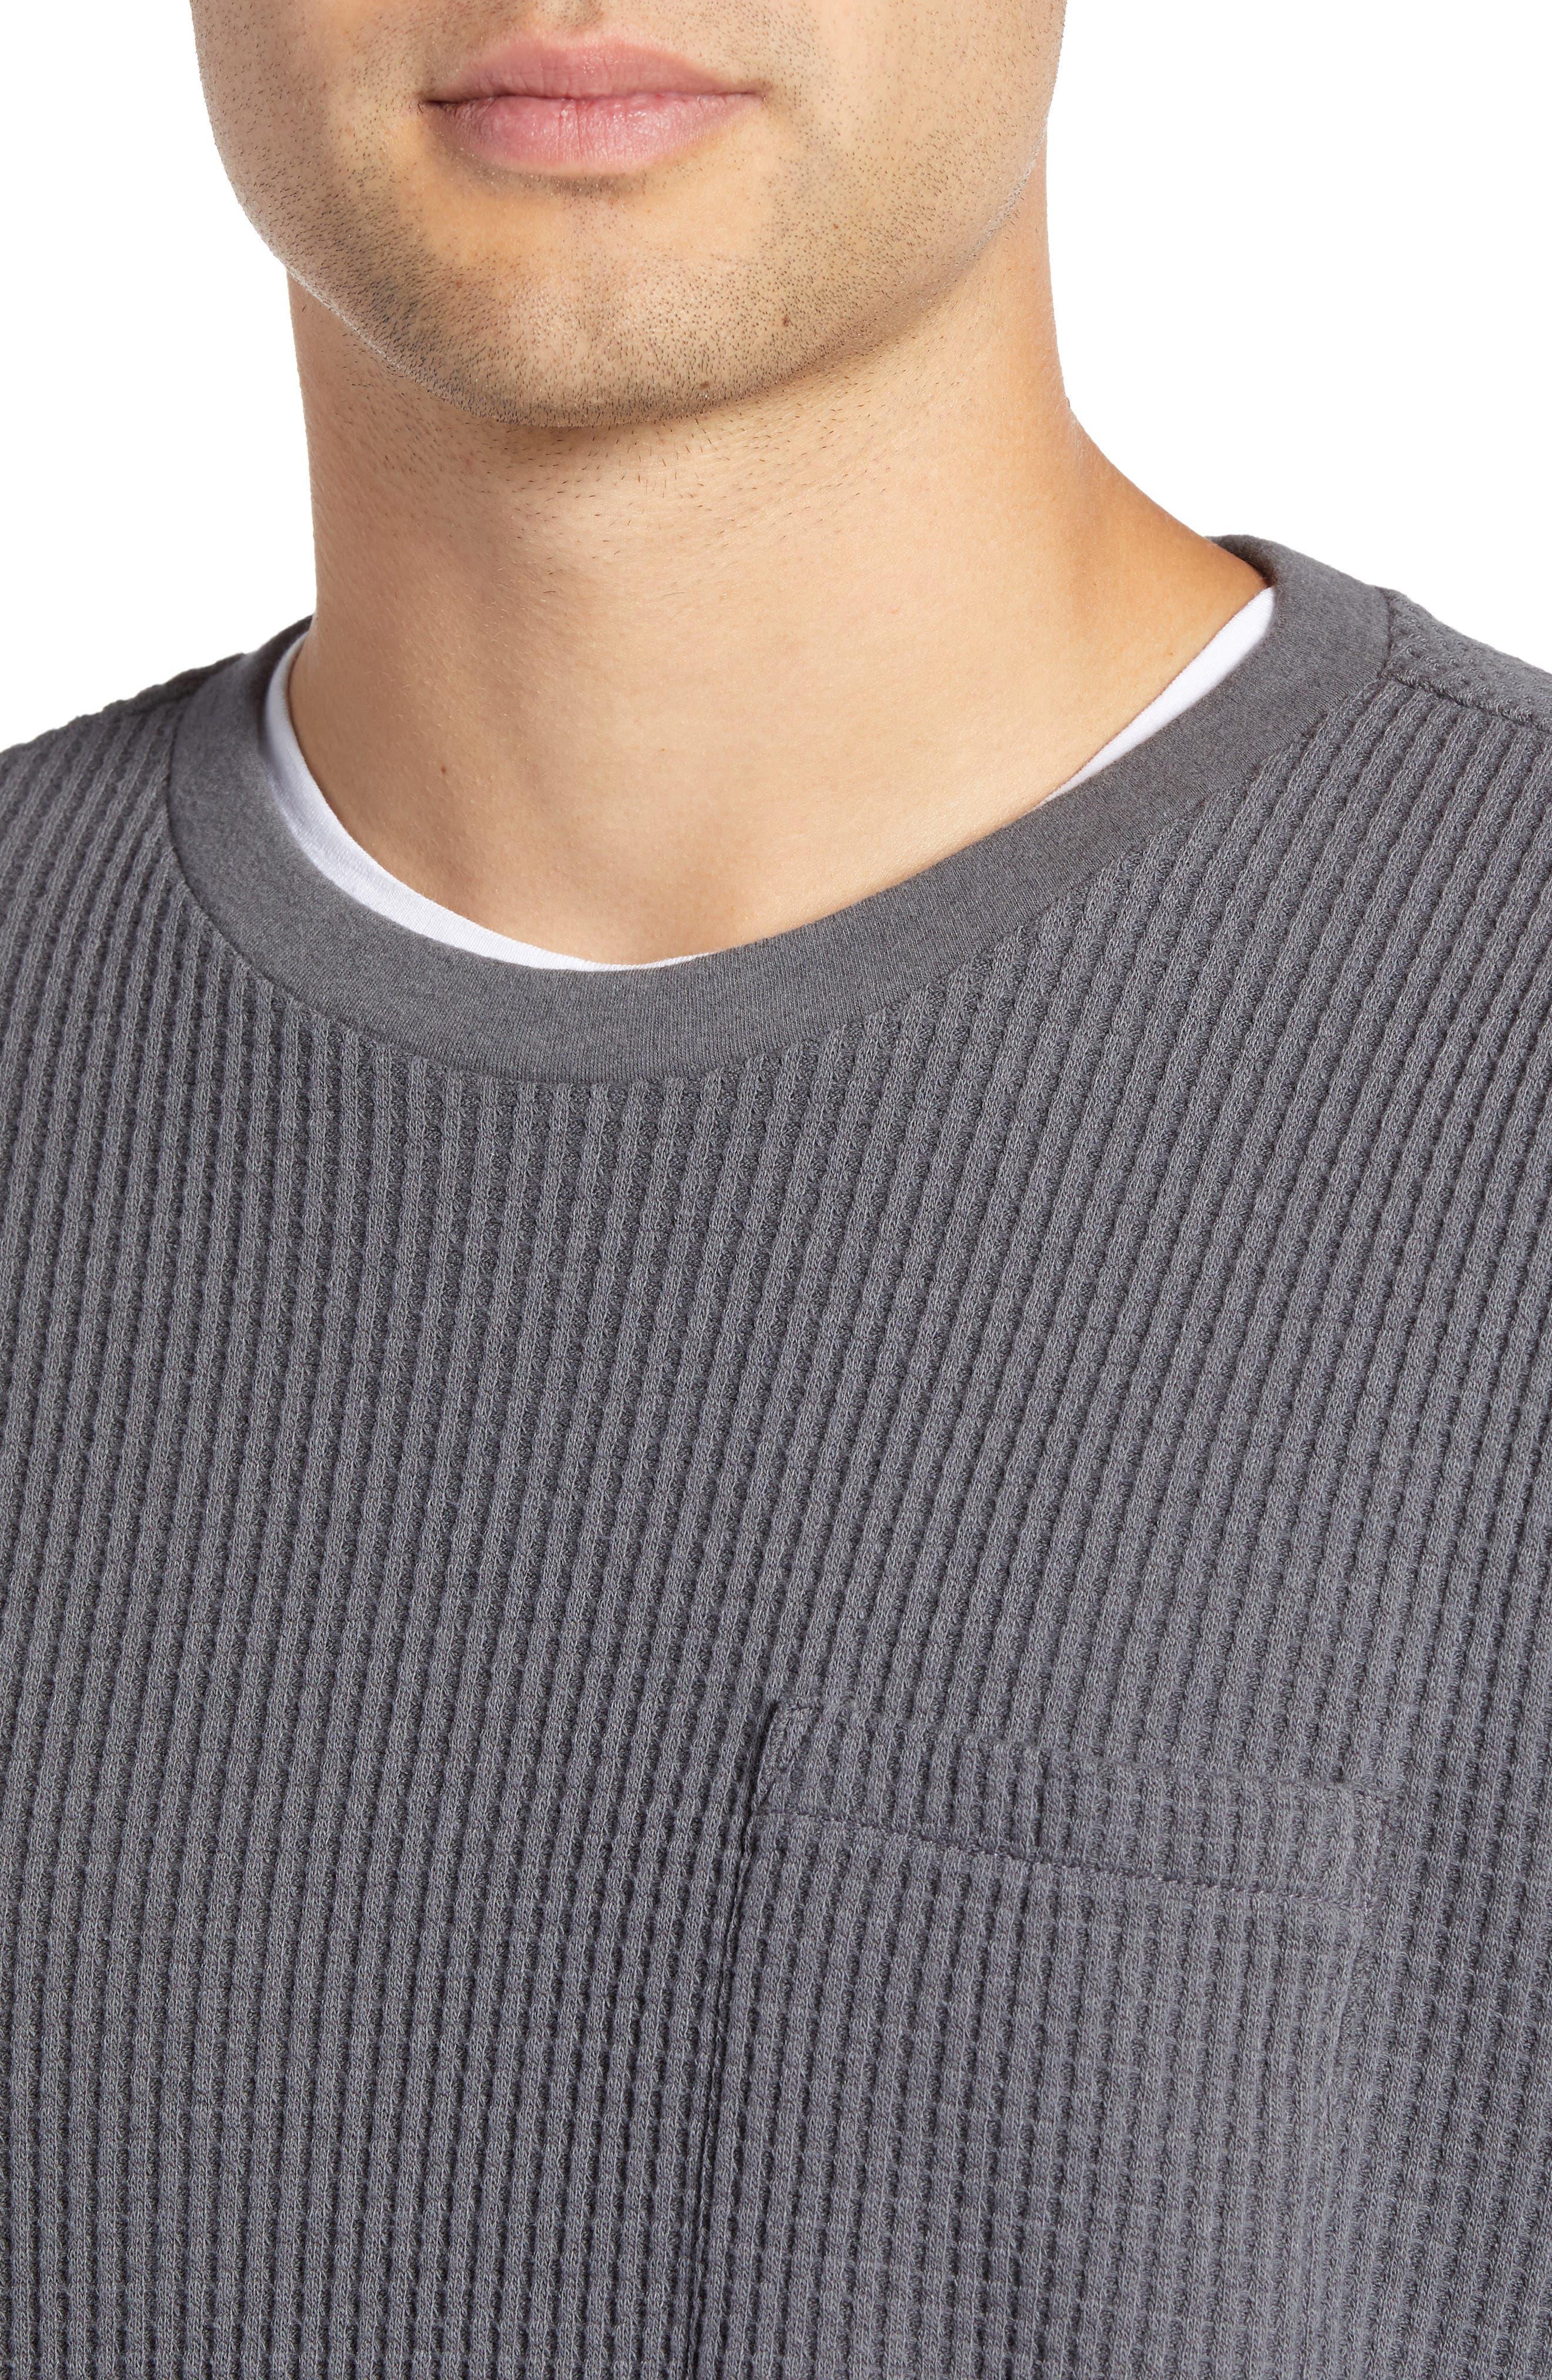 Regular Fit Thermal T-Shirt,                             Alternate thumbnail 4, color,                             GREY TORNADO